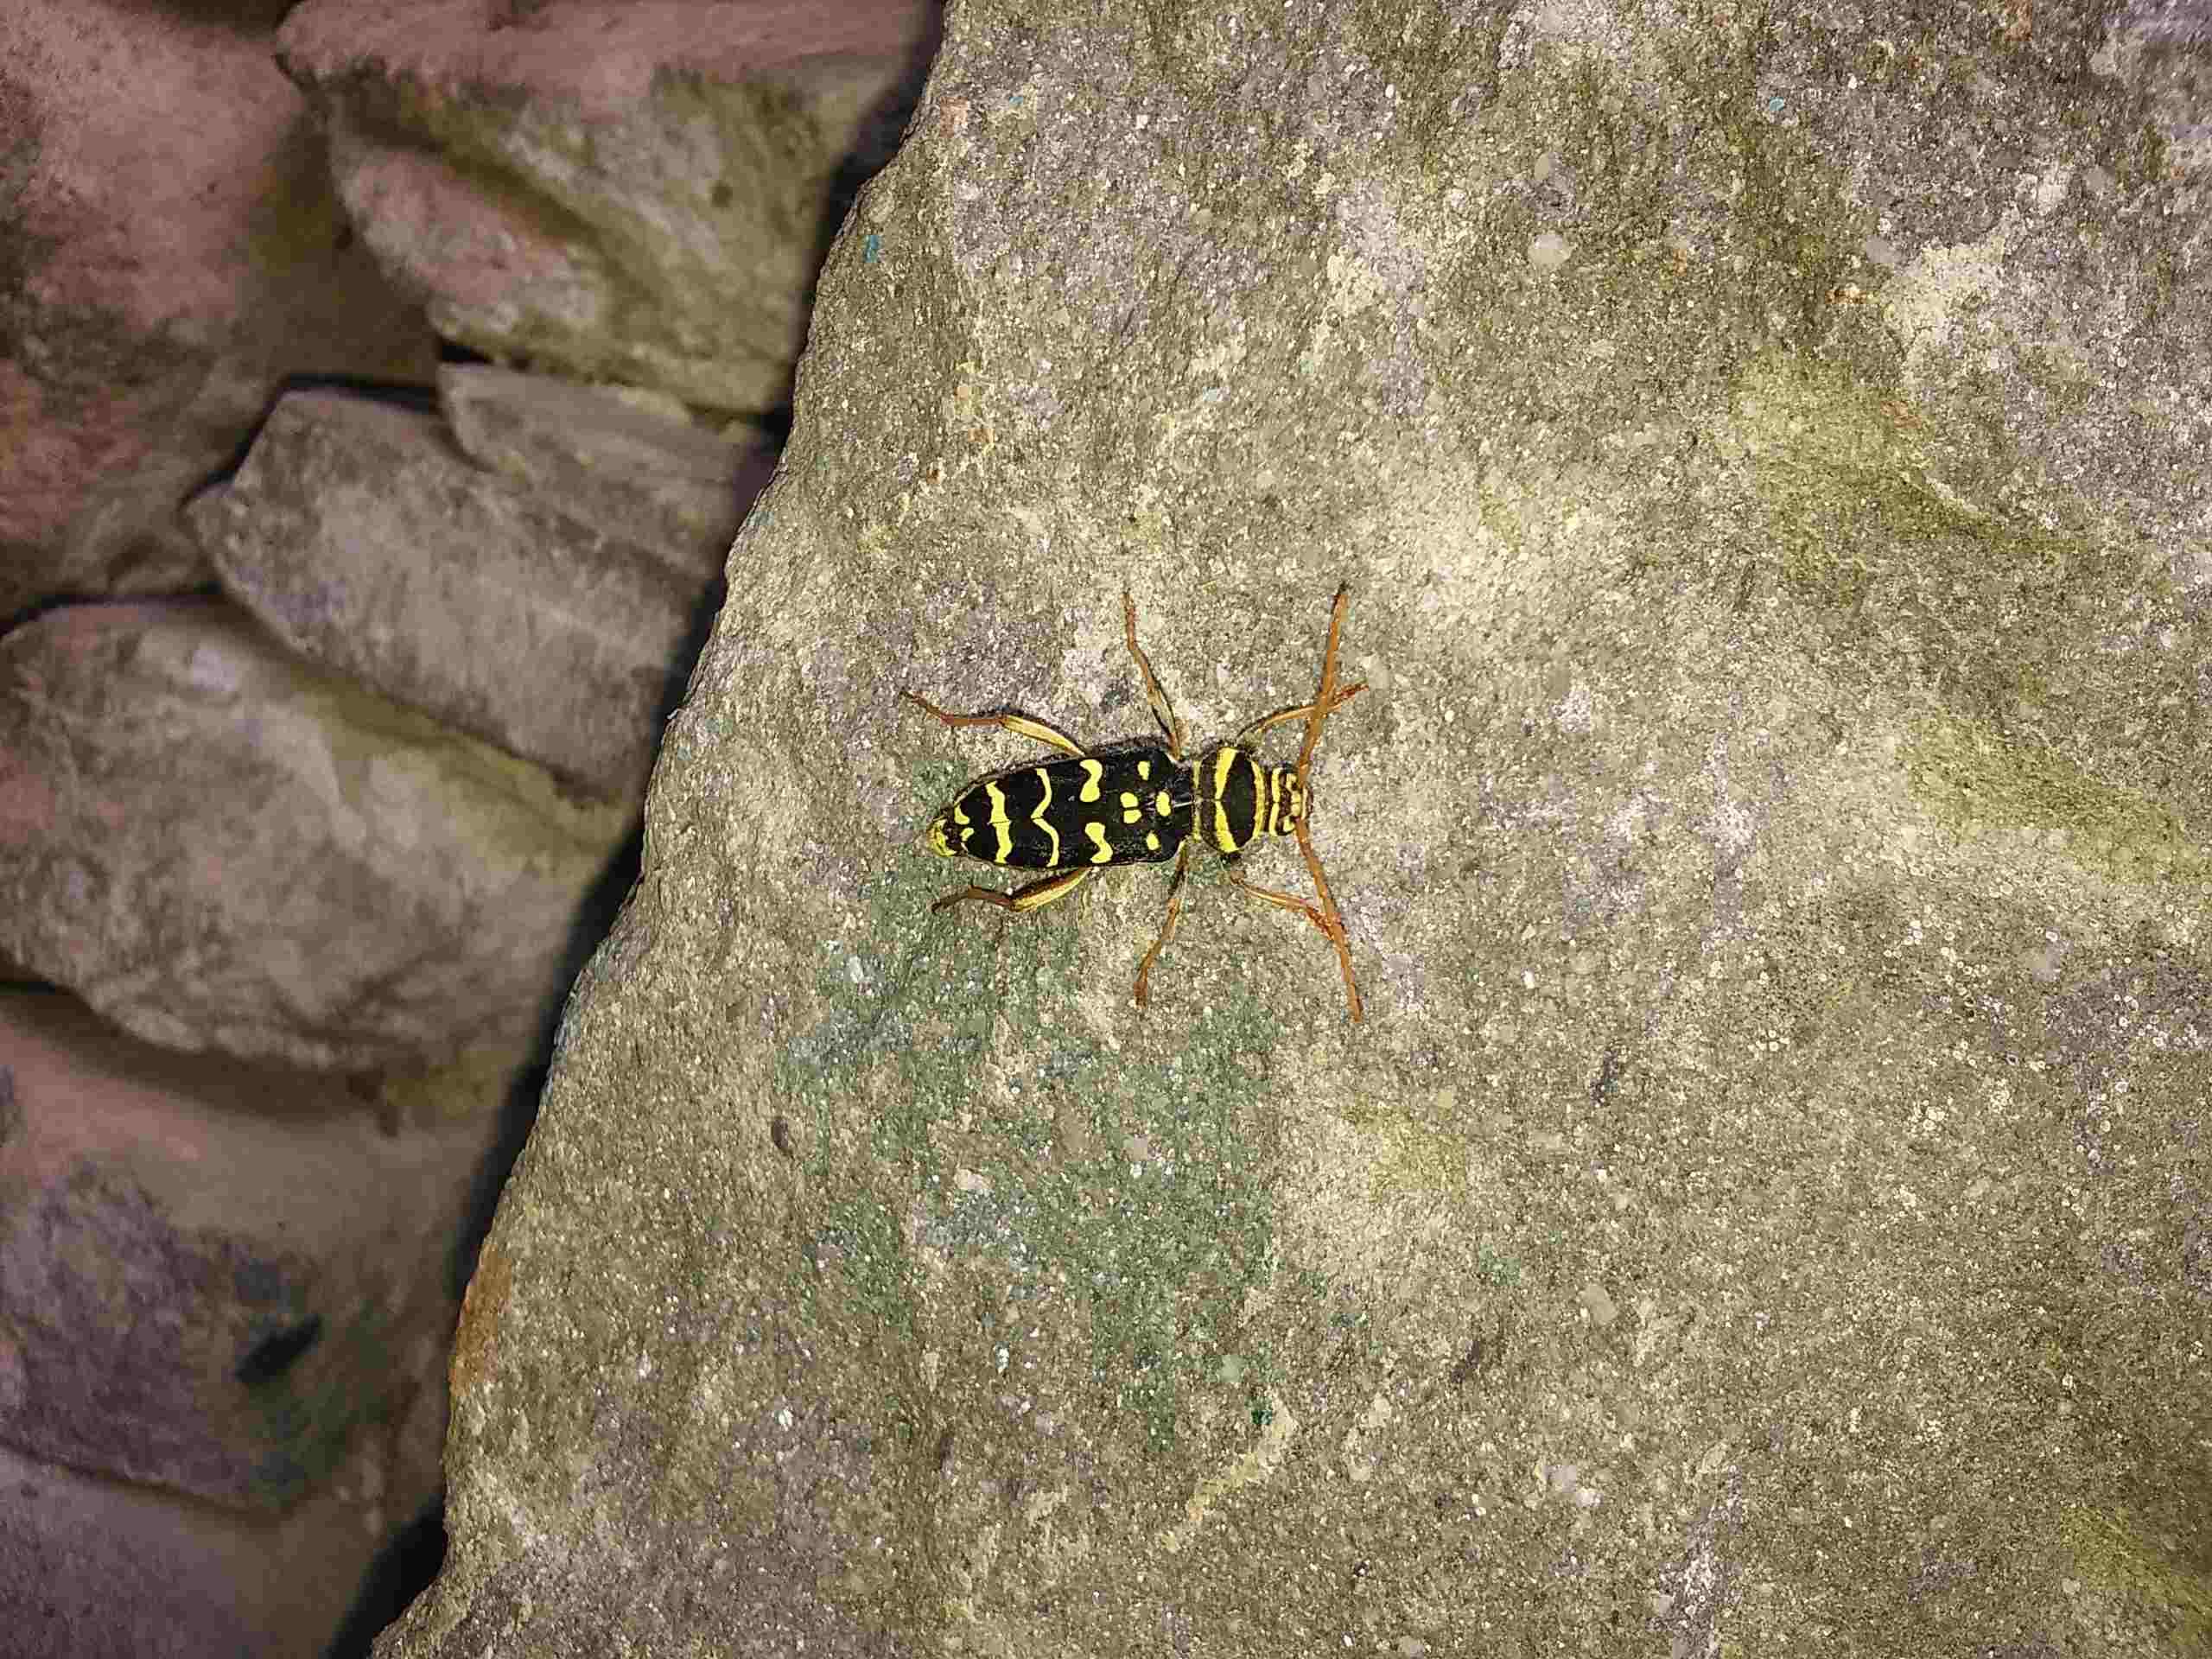 Aiuto per identificazione:  Plagionotus arcuatus, femmina (Cerambycidae)